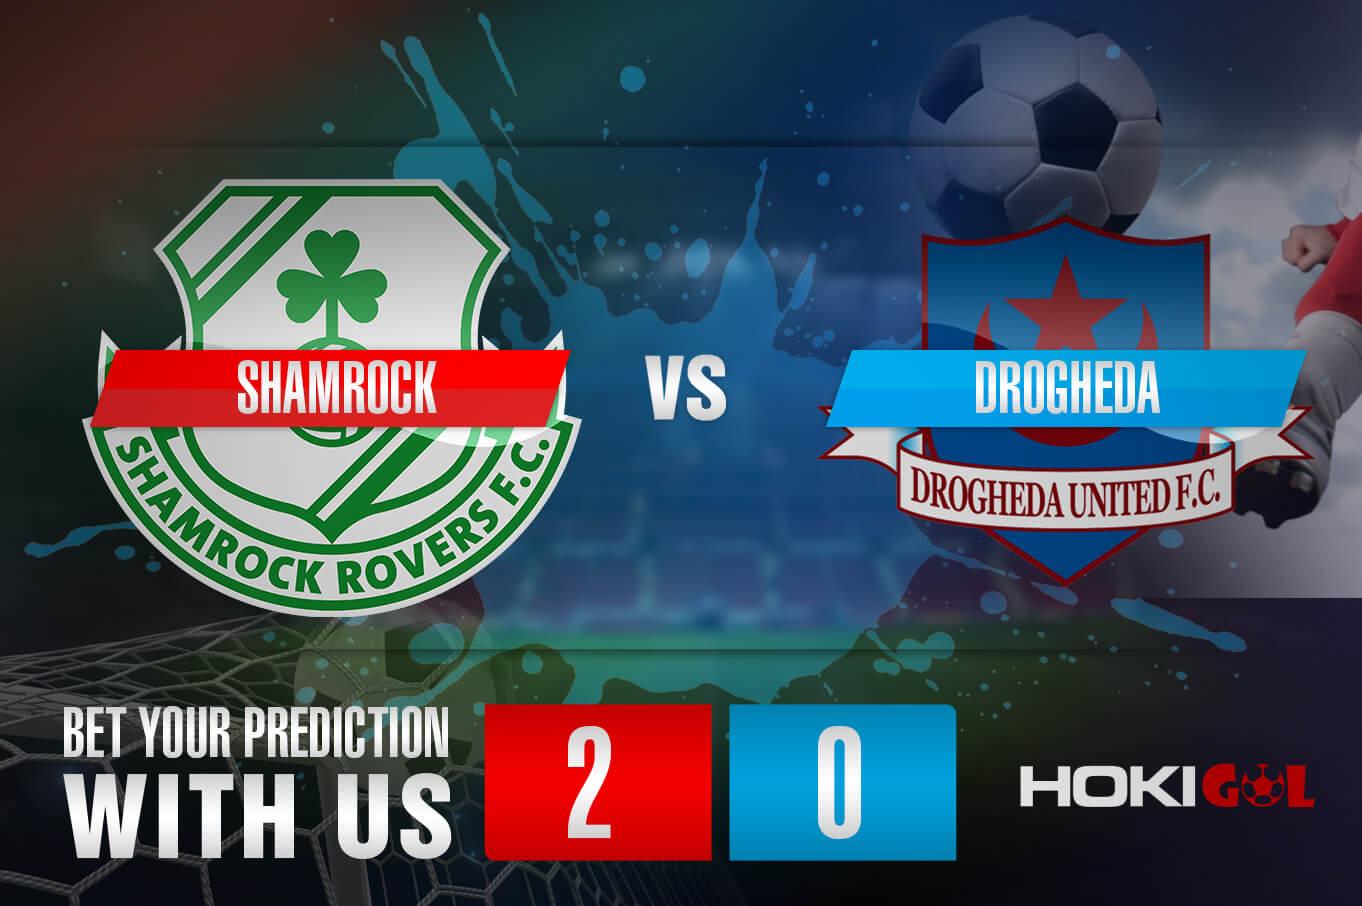 Prediksi Bola Shamrock Vs Drogheda 26 Juni 2021